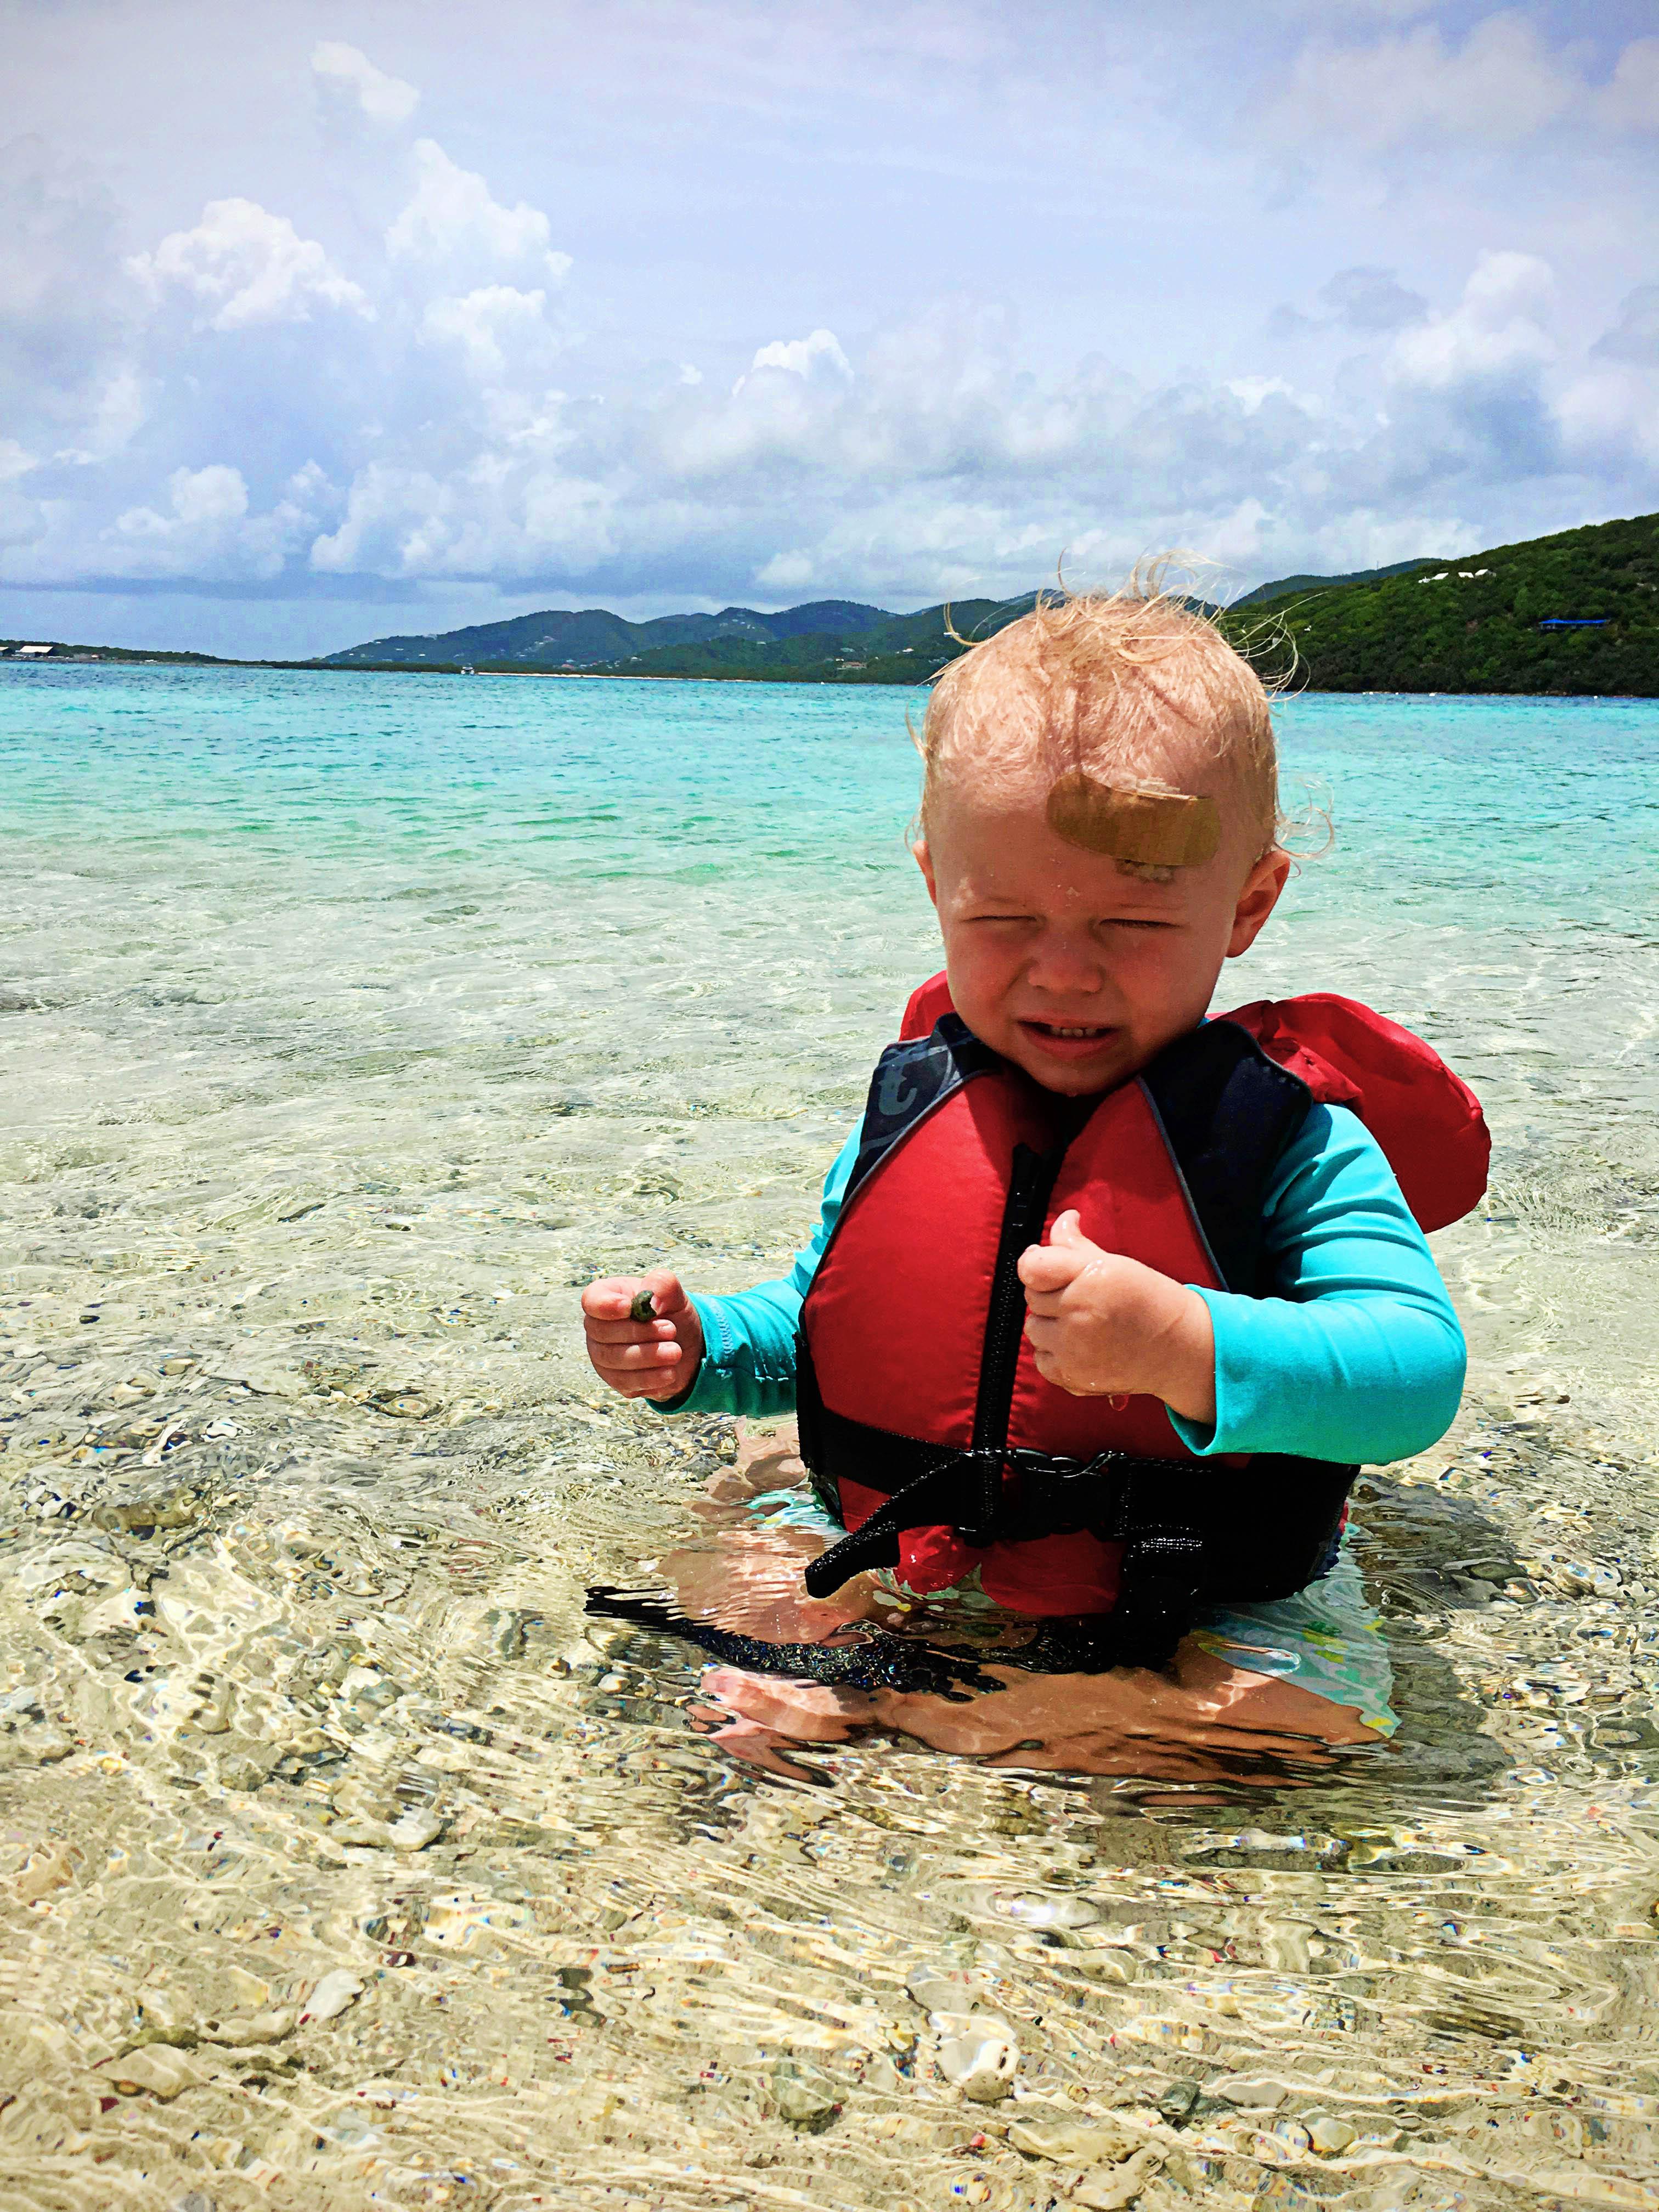 Sailing with Baby, Marina Cay | Sailing British Virgin Islands Itinerary | Hi Lovely